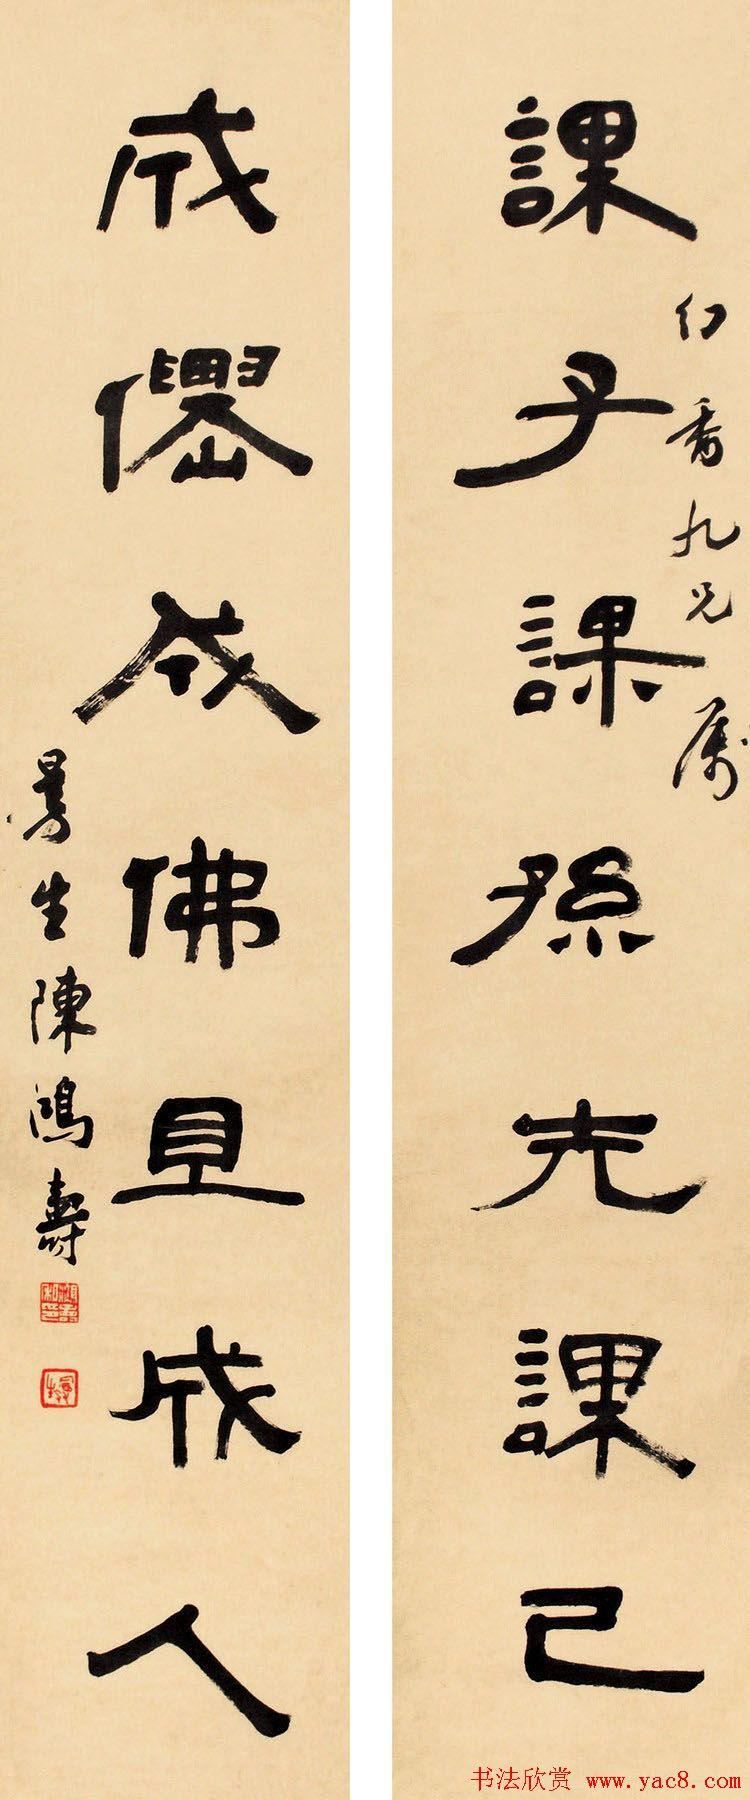 陈鸿寿书法隶书对联赏析(3)图片